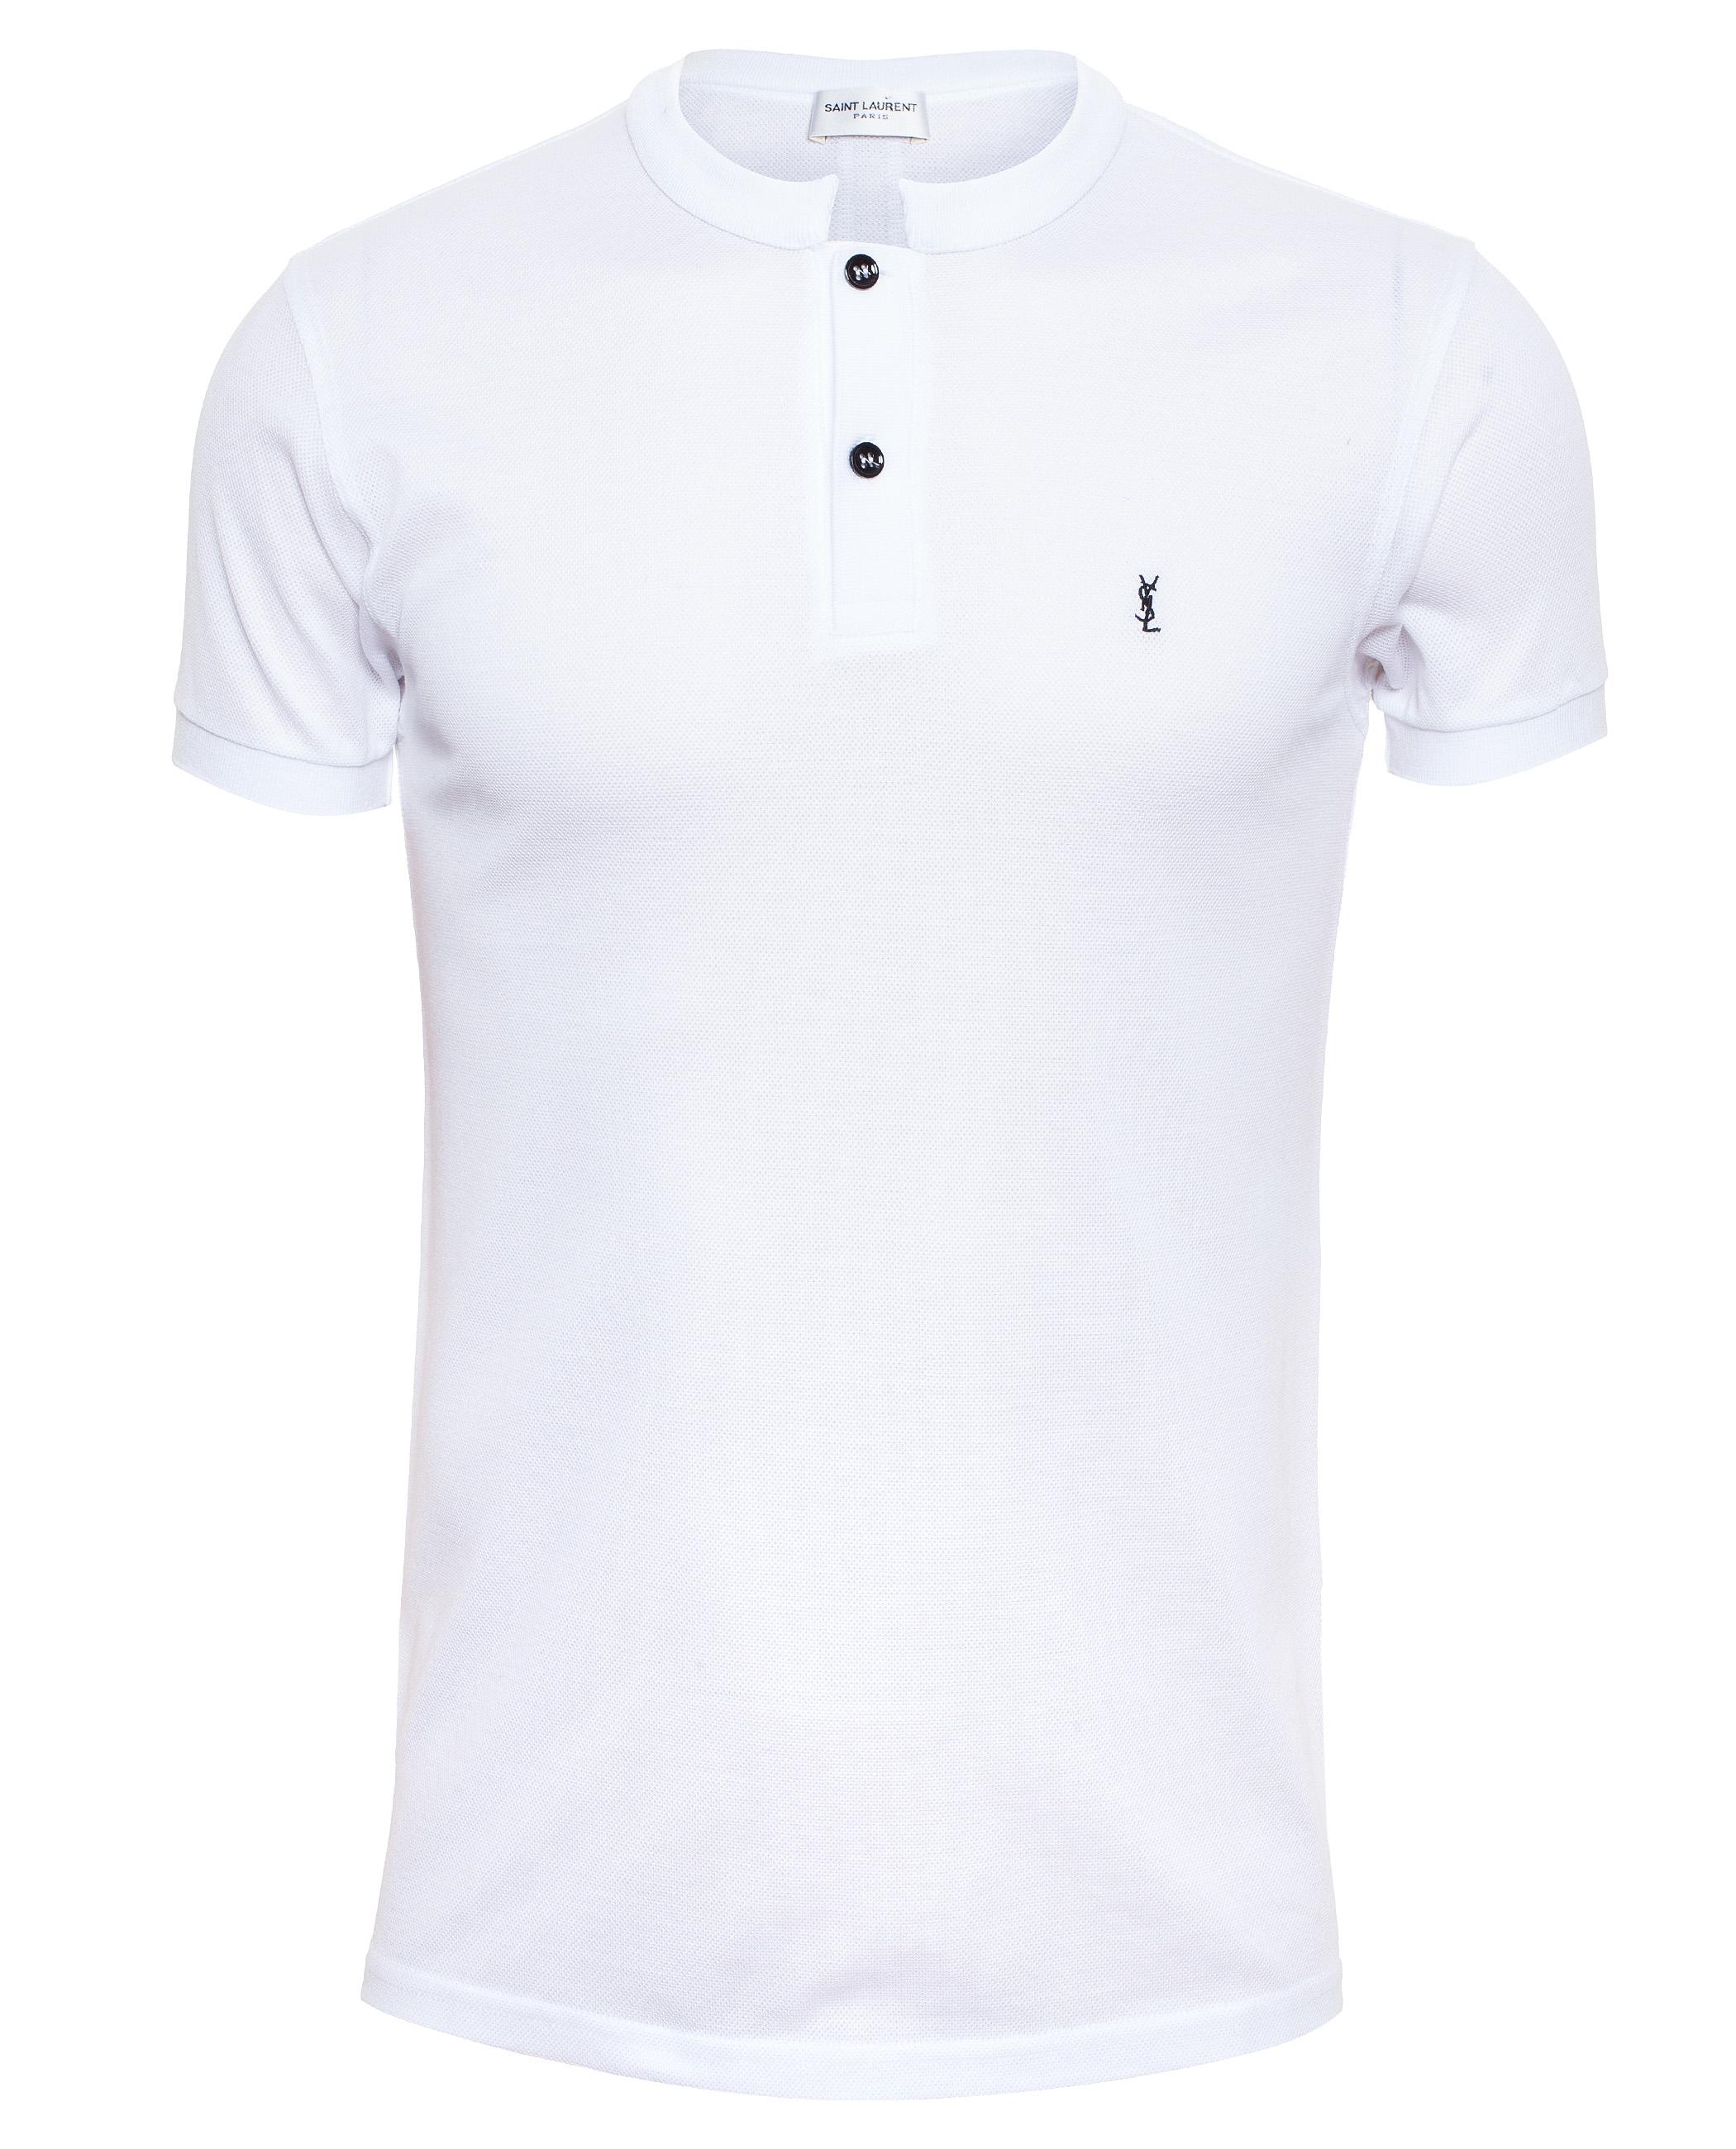 0ea8c9d9decfa5 Lyst - Saint Laurent Cotton Pique Polo Shirt in White for Men